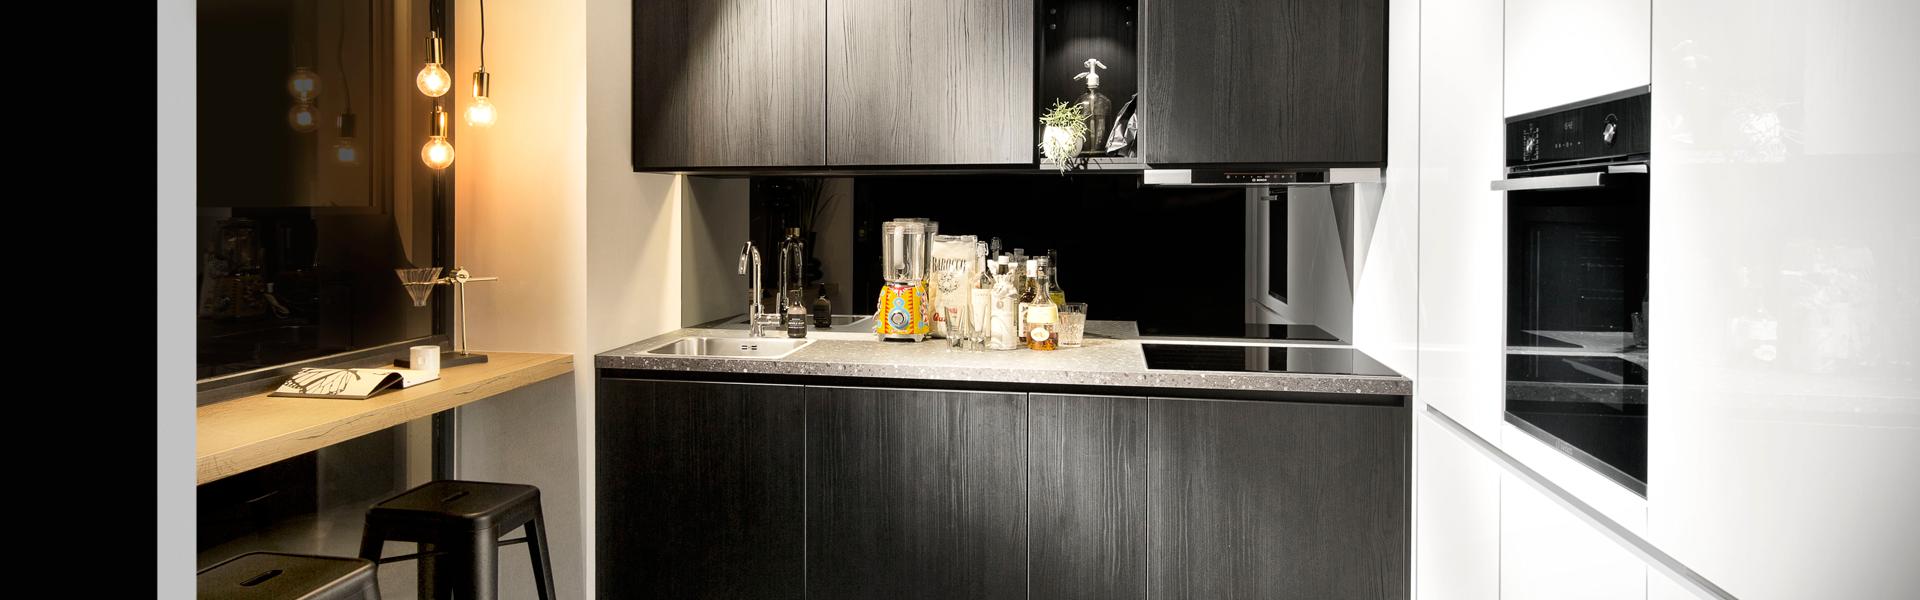 Unieke complete keuken | Keuken inspiratie | Eigenhuis Keukens